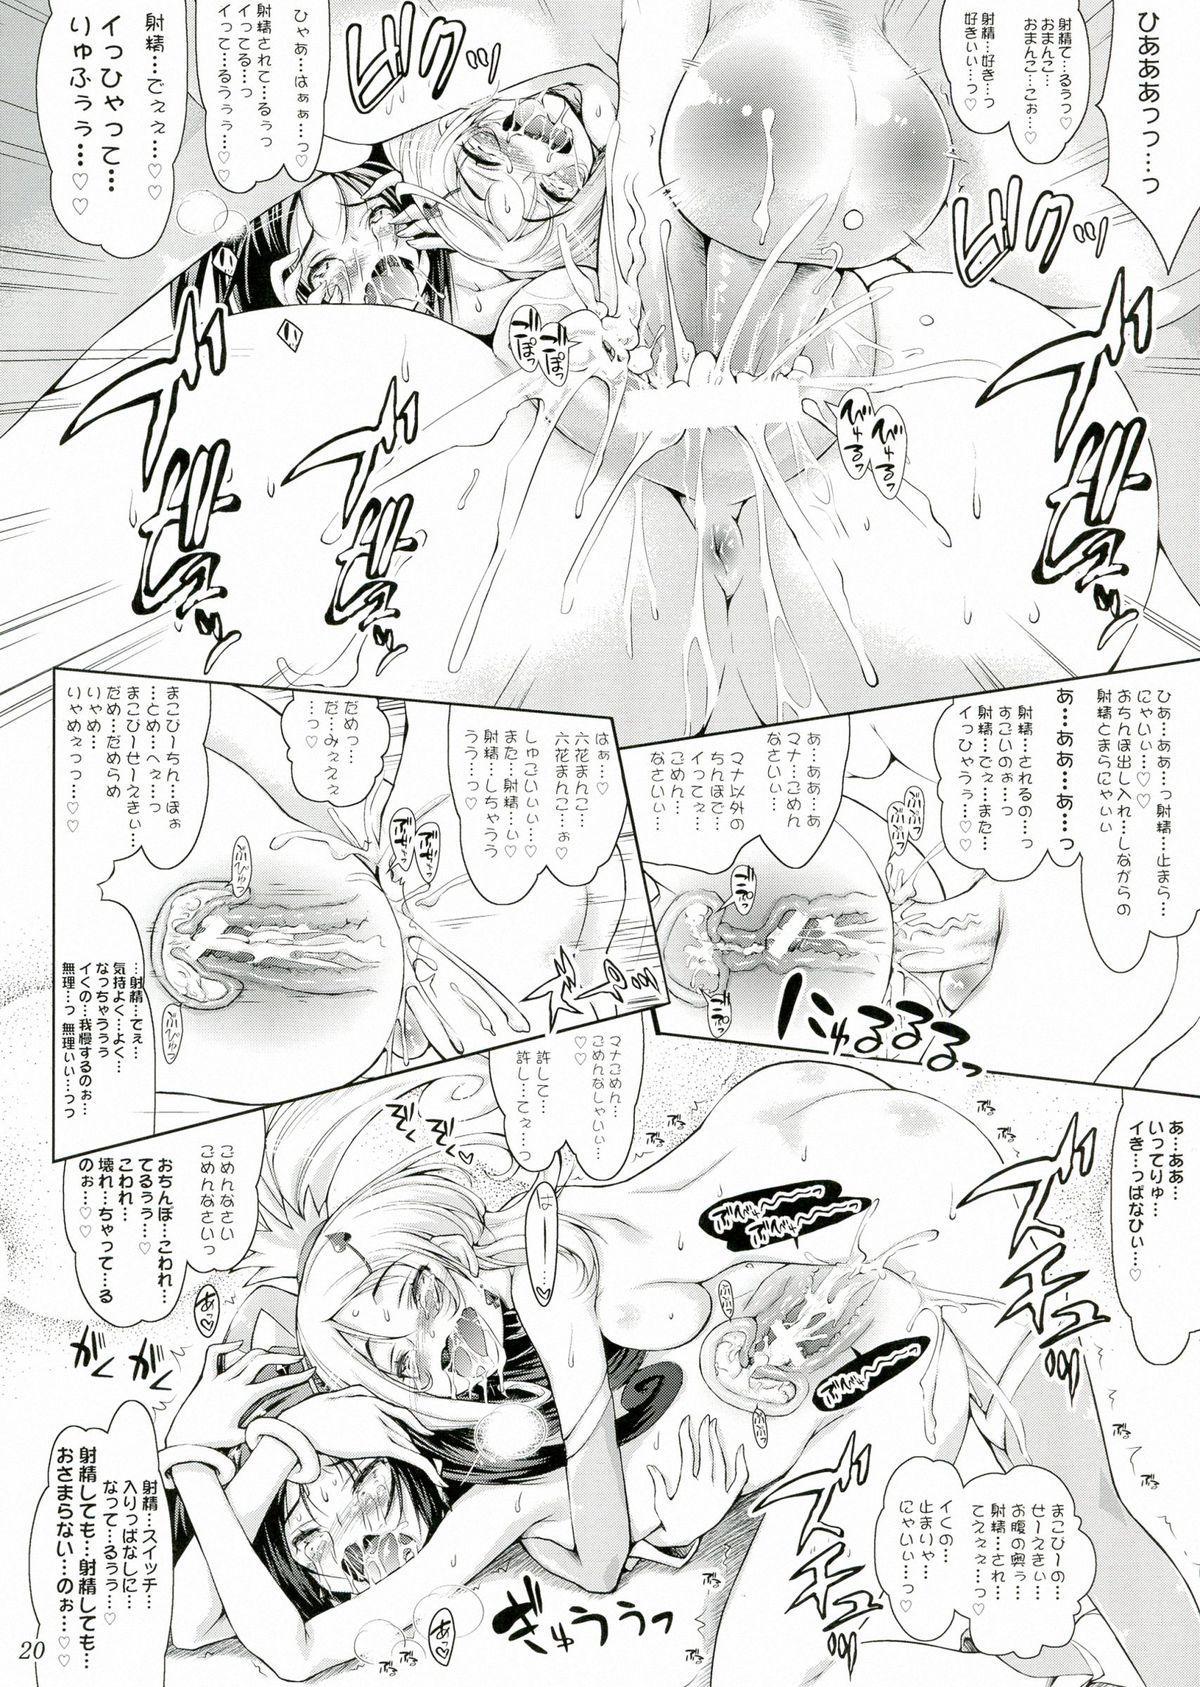 Makopi- ni Haeteta Chinpo wa Rikka ni Ijime rareru to Nando demo Shasei shichau no 19